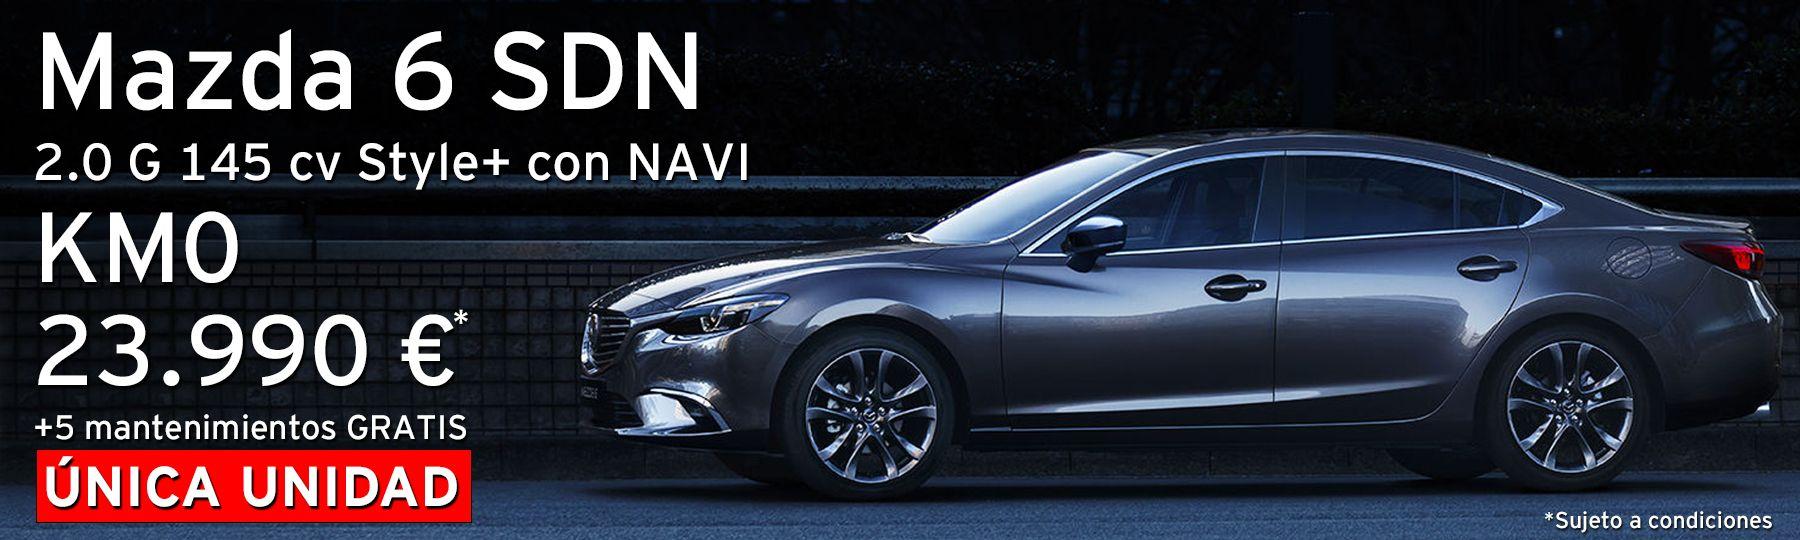 Mazda 6 SDN 2.0 G Skyactiv 145 CV Style+ con NAVI